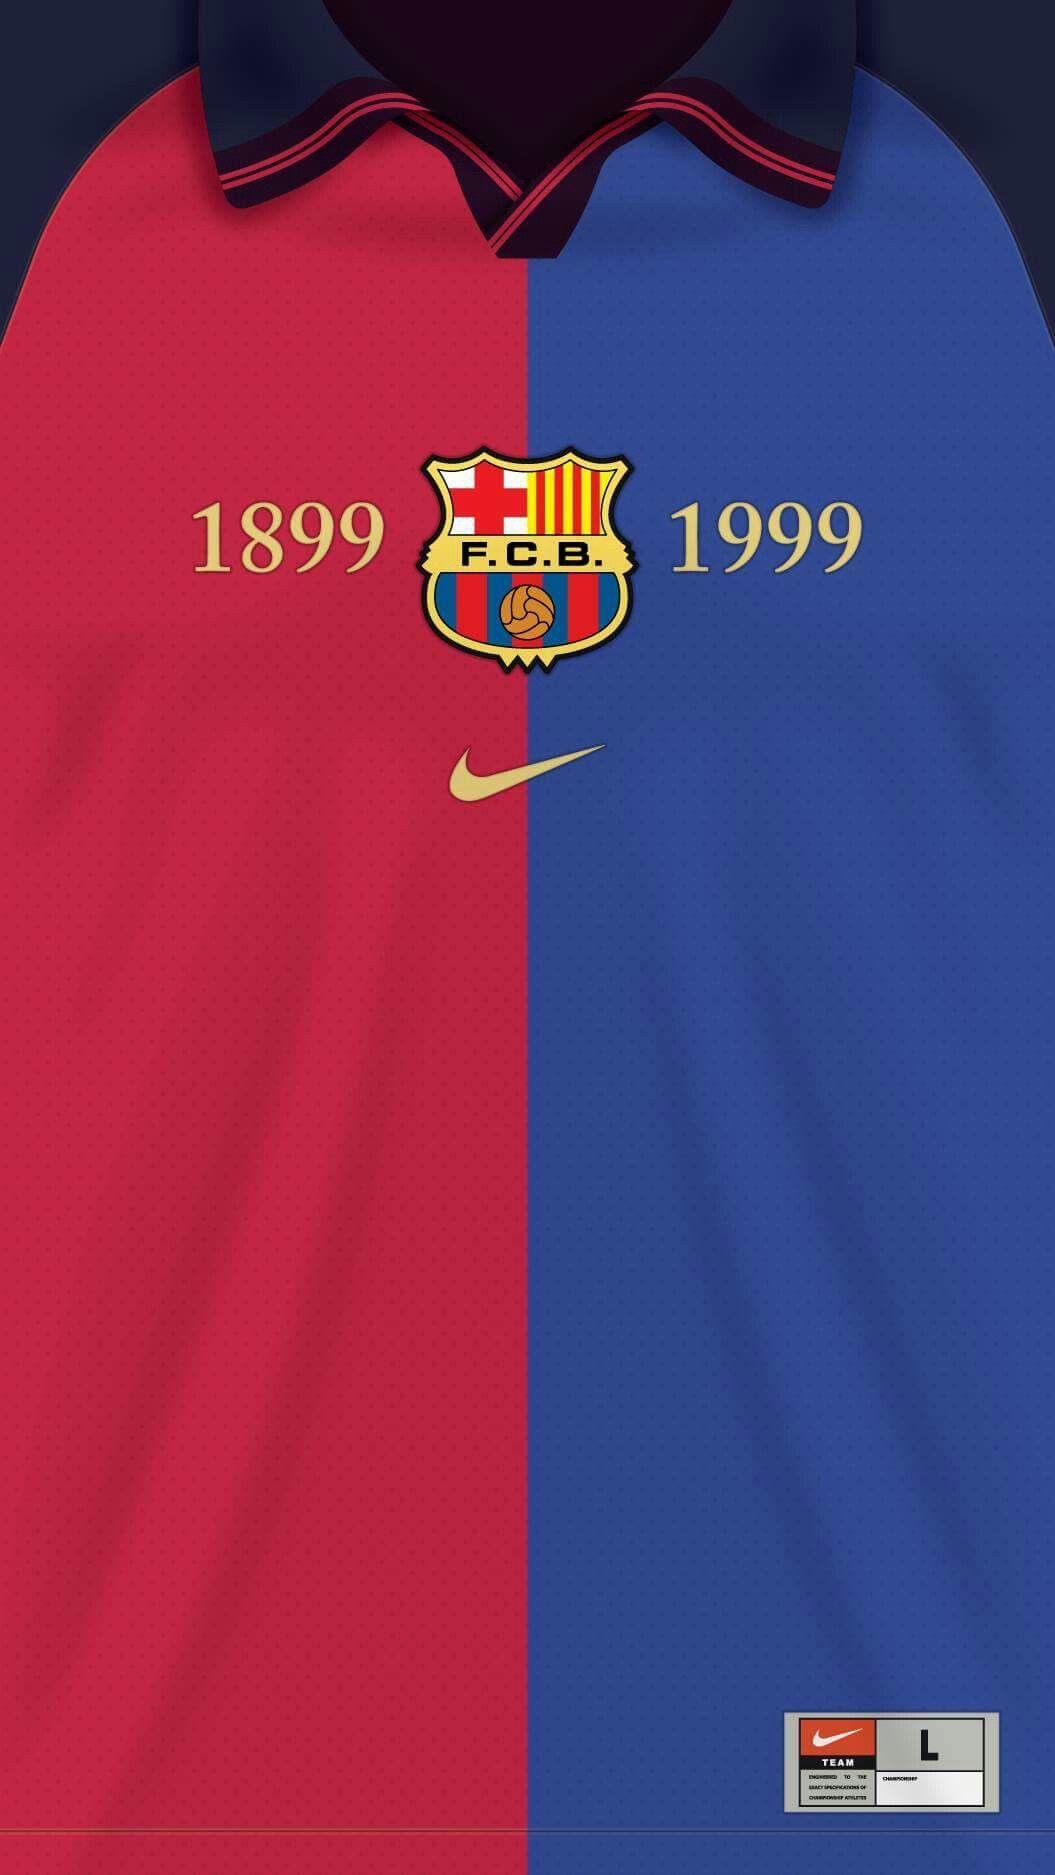 e1ad0016088 Jersey Fc Barcelona 1999